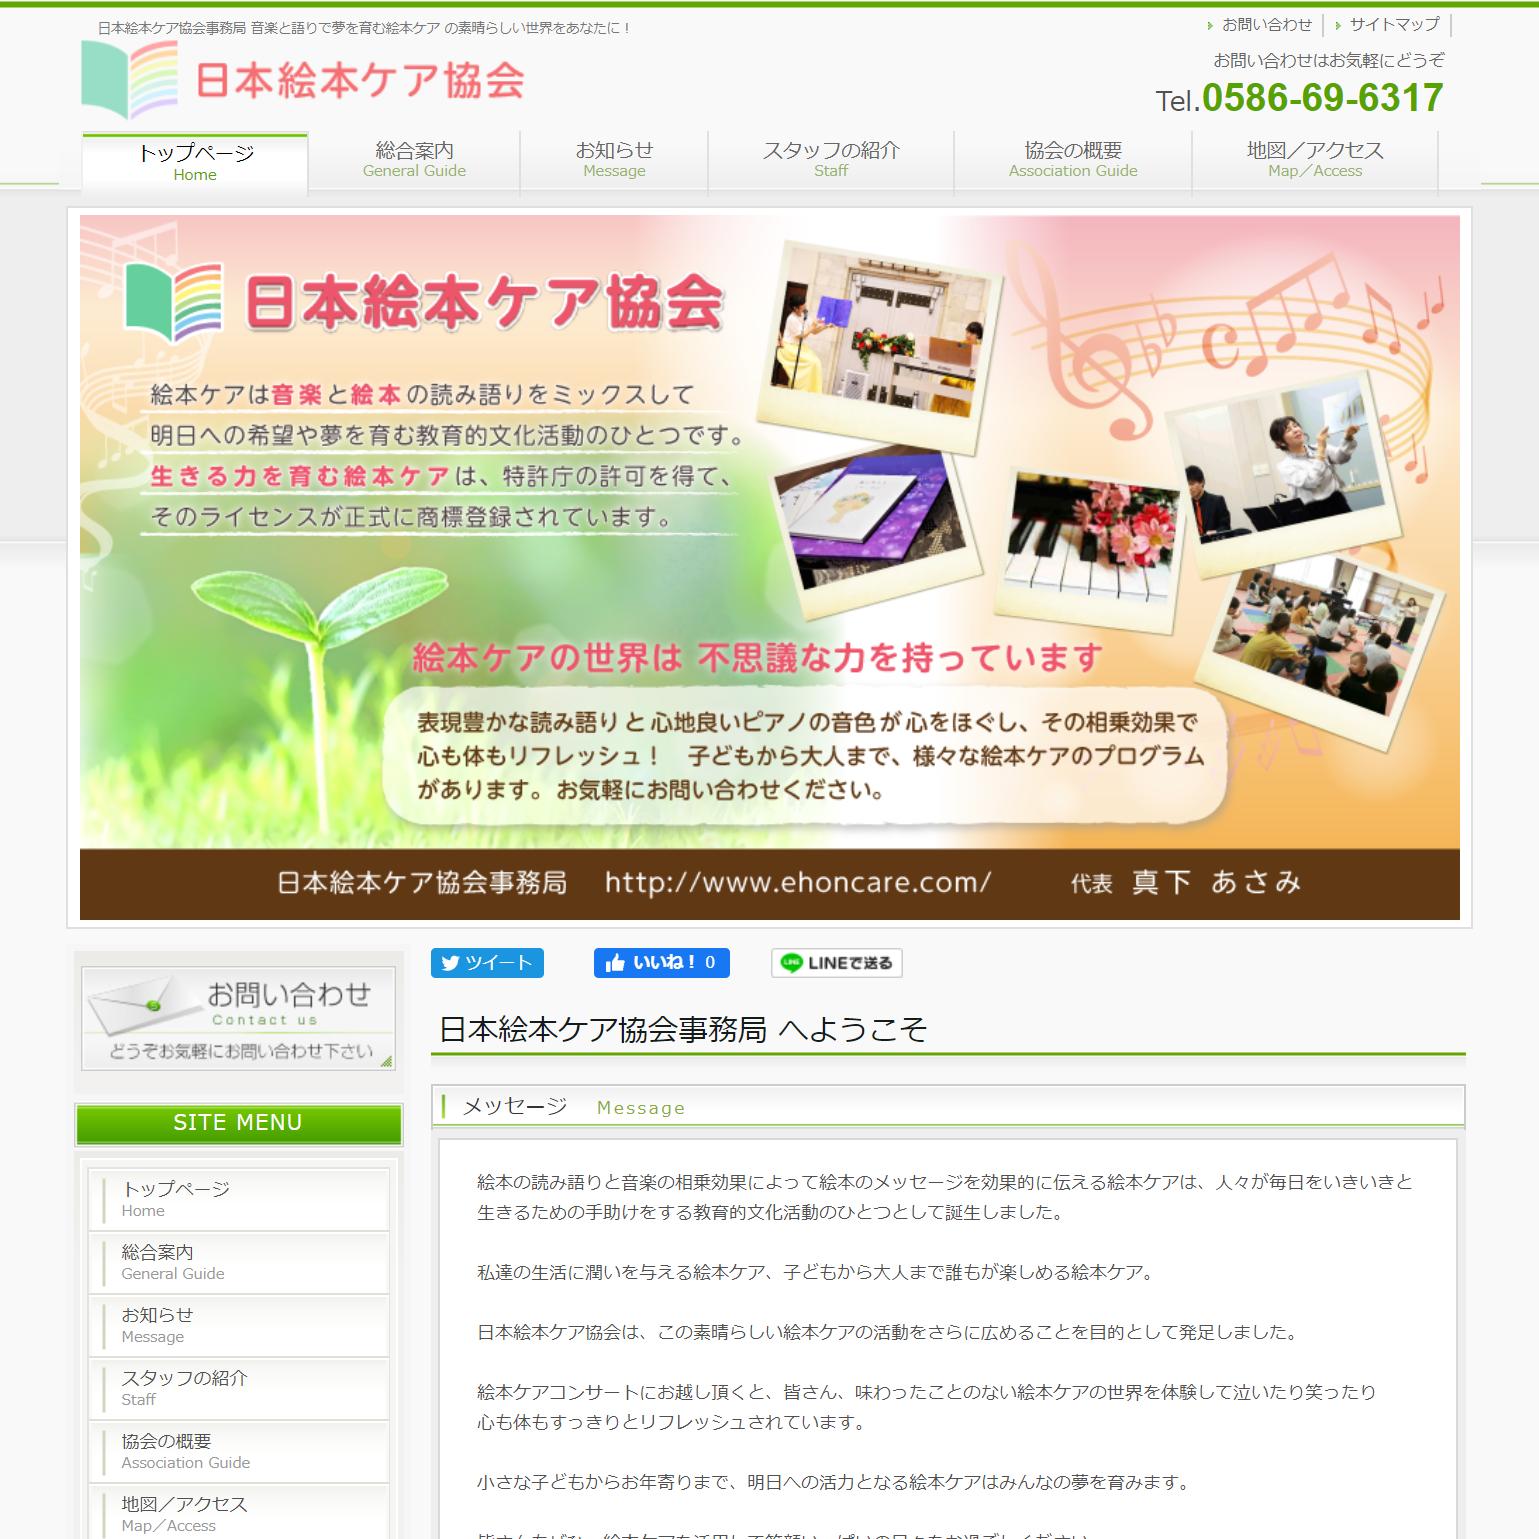 日本絵本ケア協会事務局